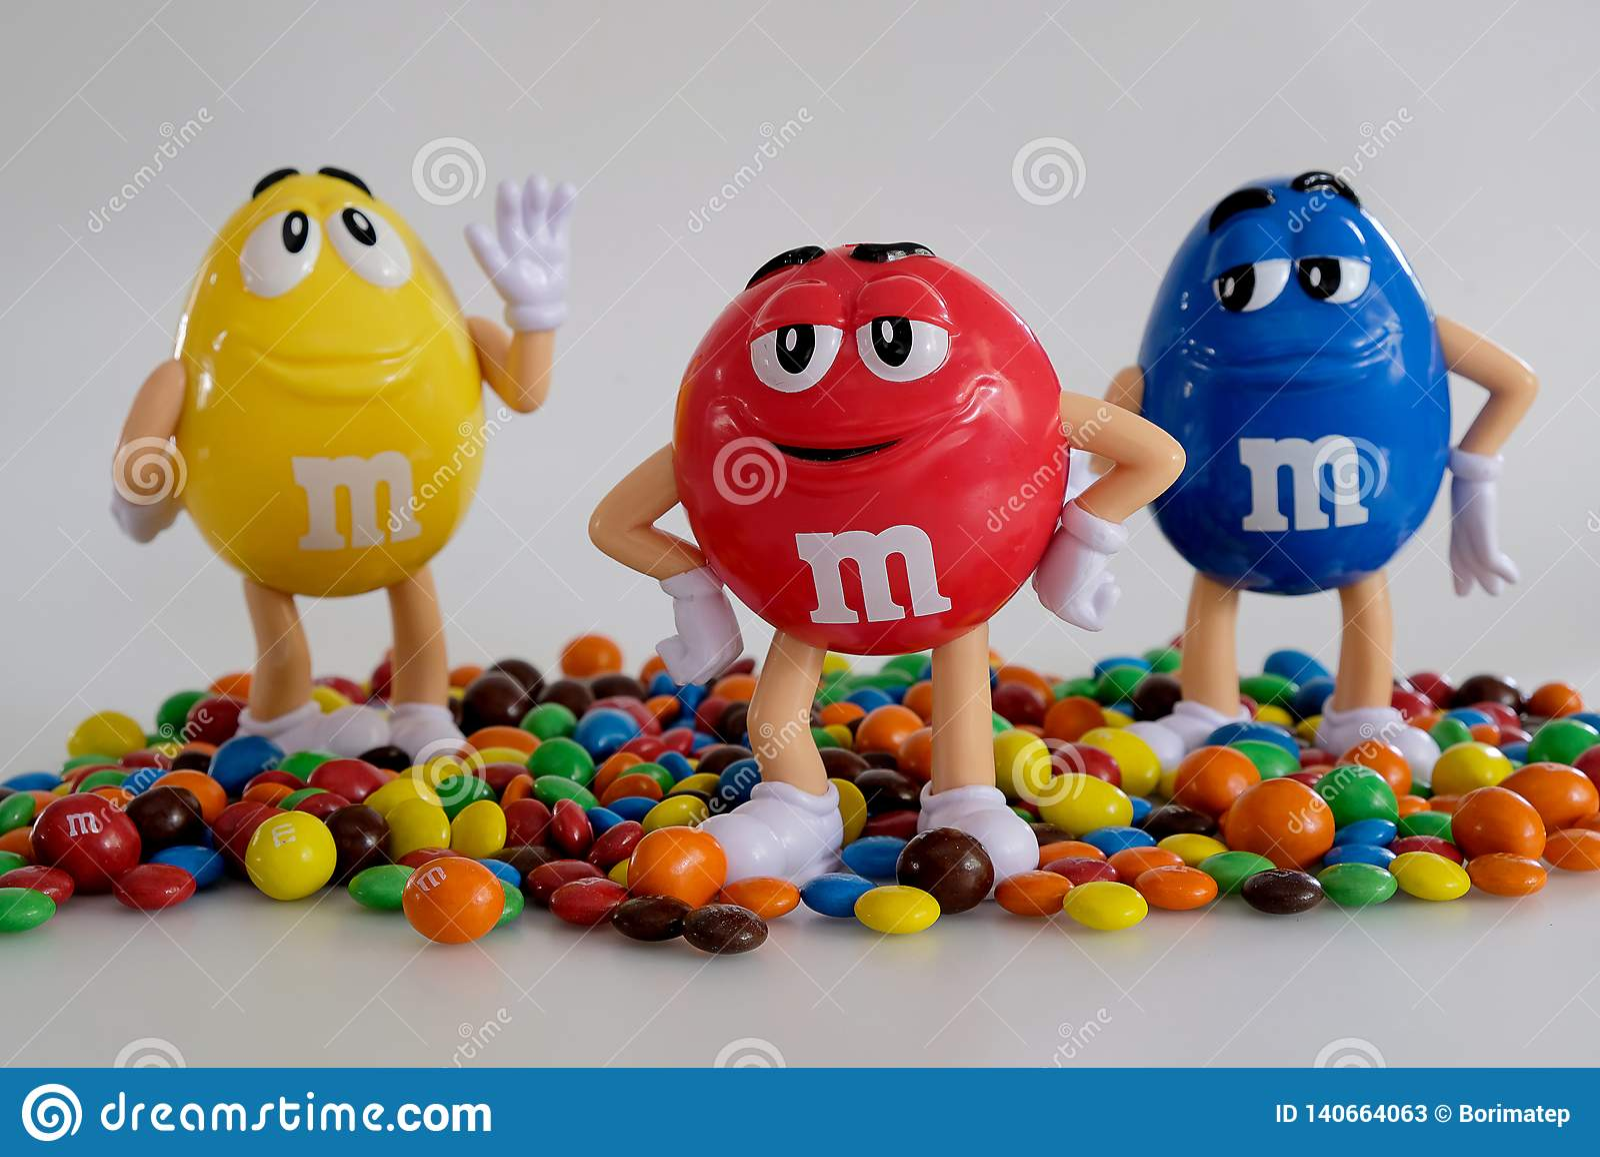 M chocolates m Candy